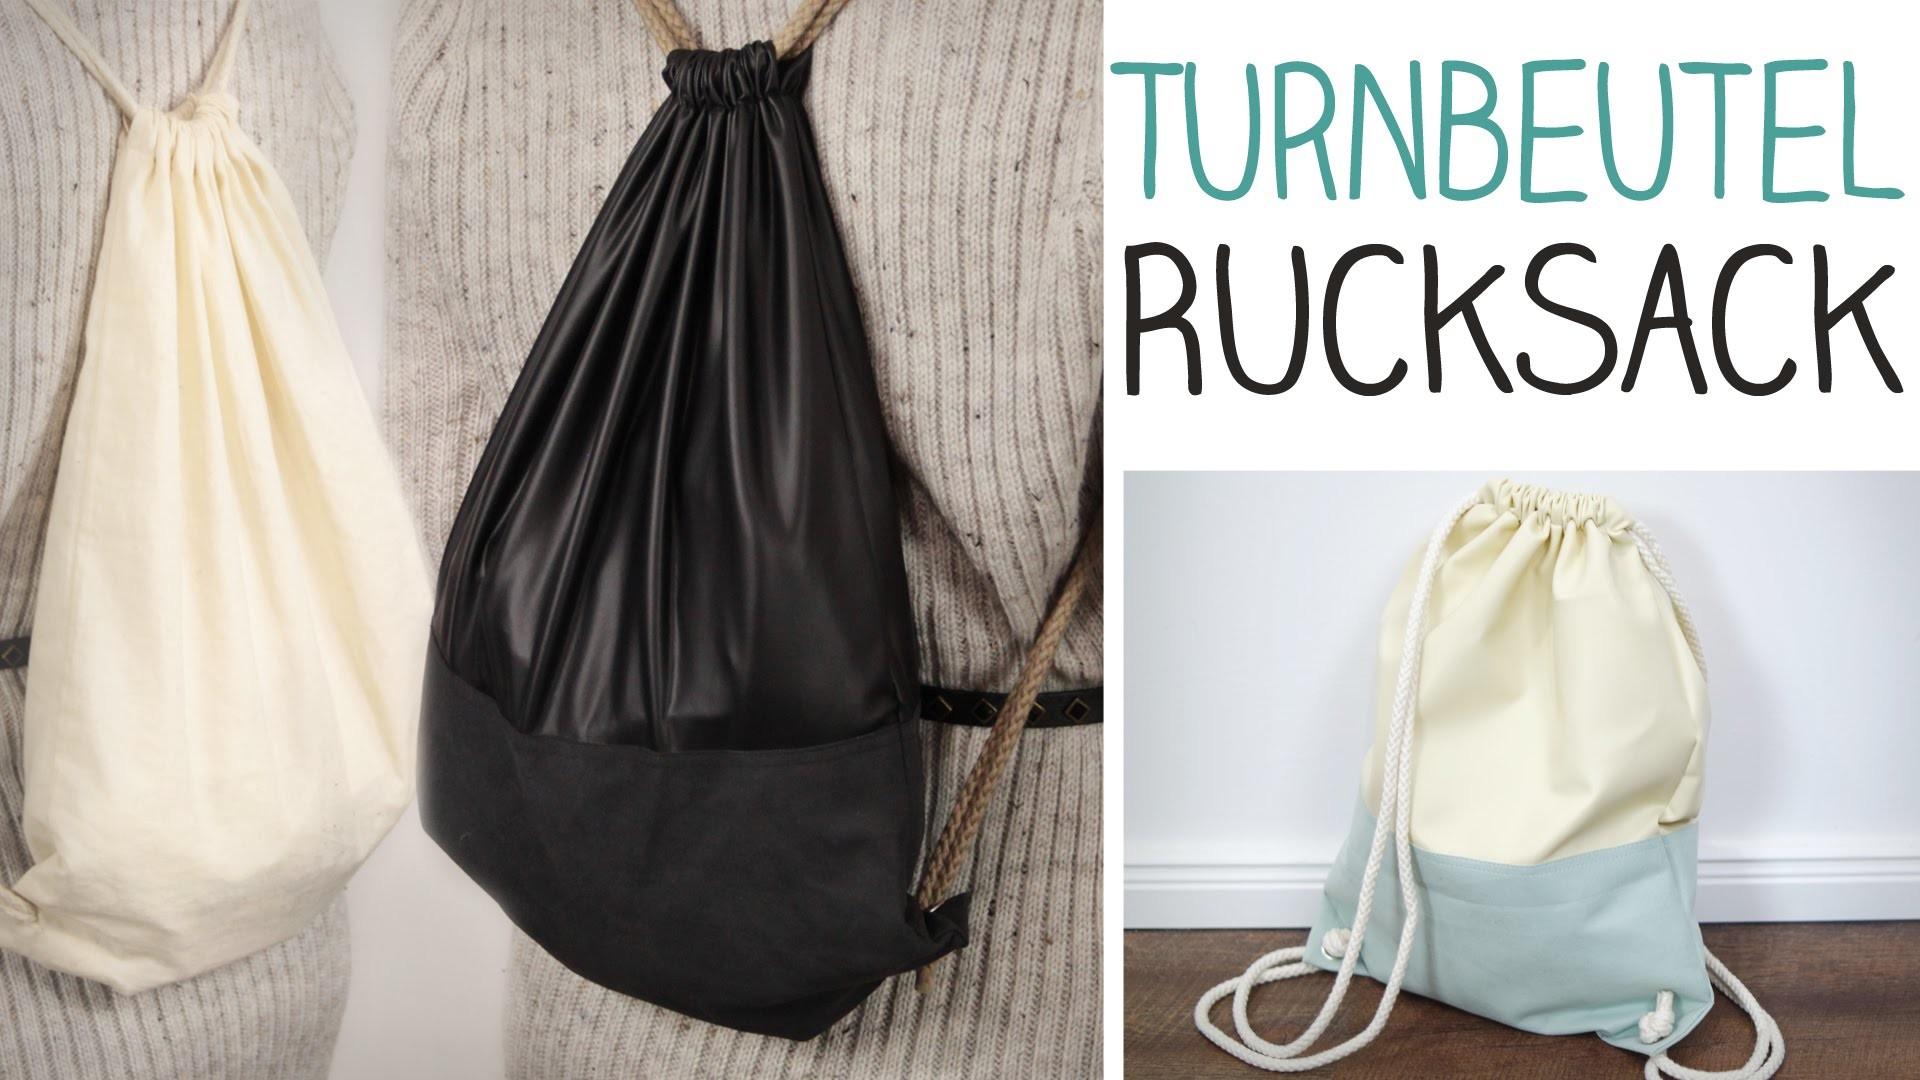 DIY Turnbeutel RUCKSACK nähen für Anfänger - stylischer Taschenersatz - alive4fashion